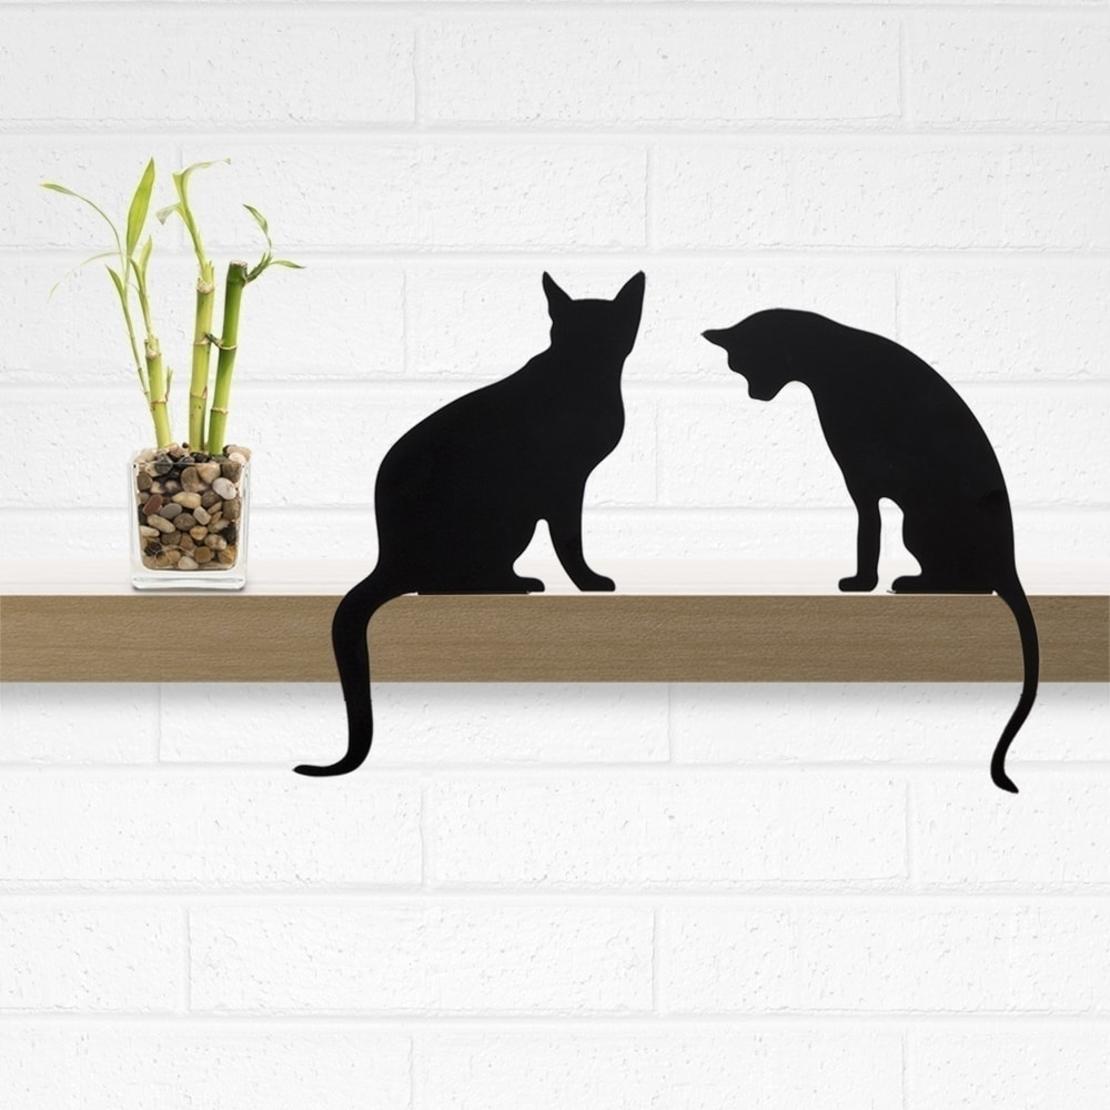 פסלון חתול על מדף